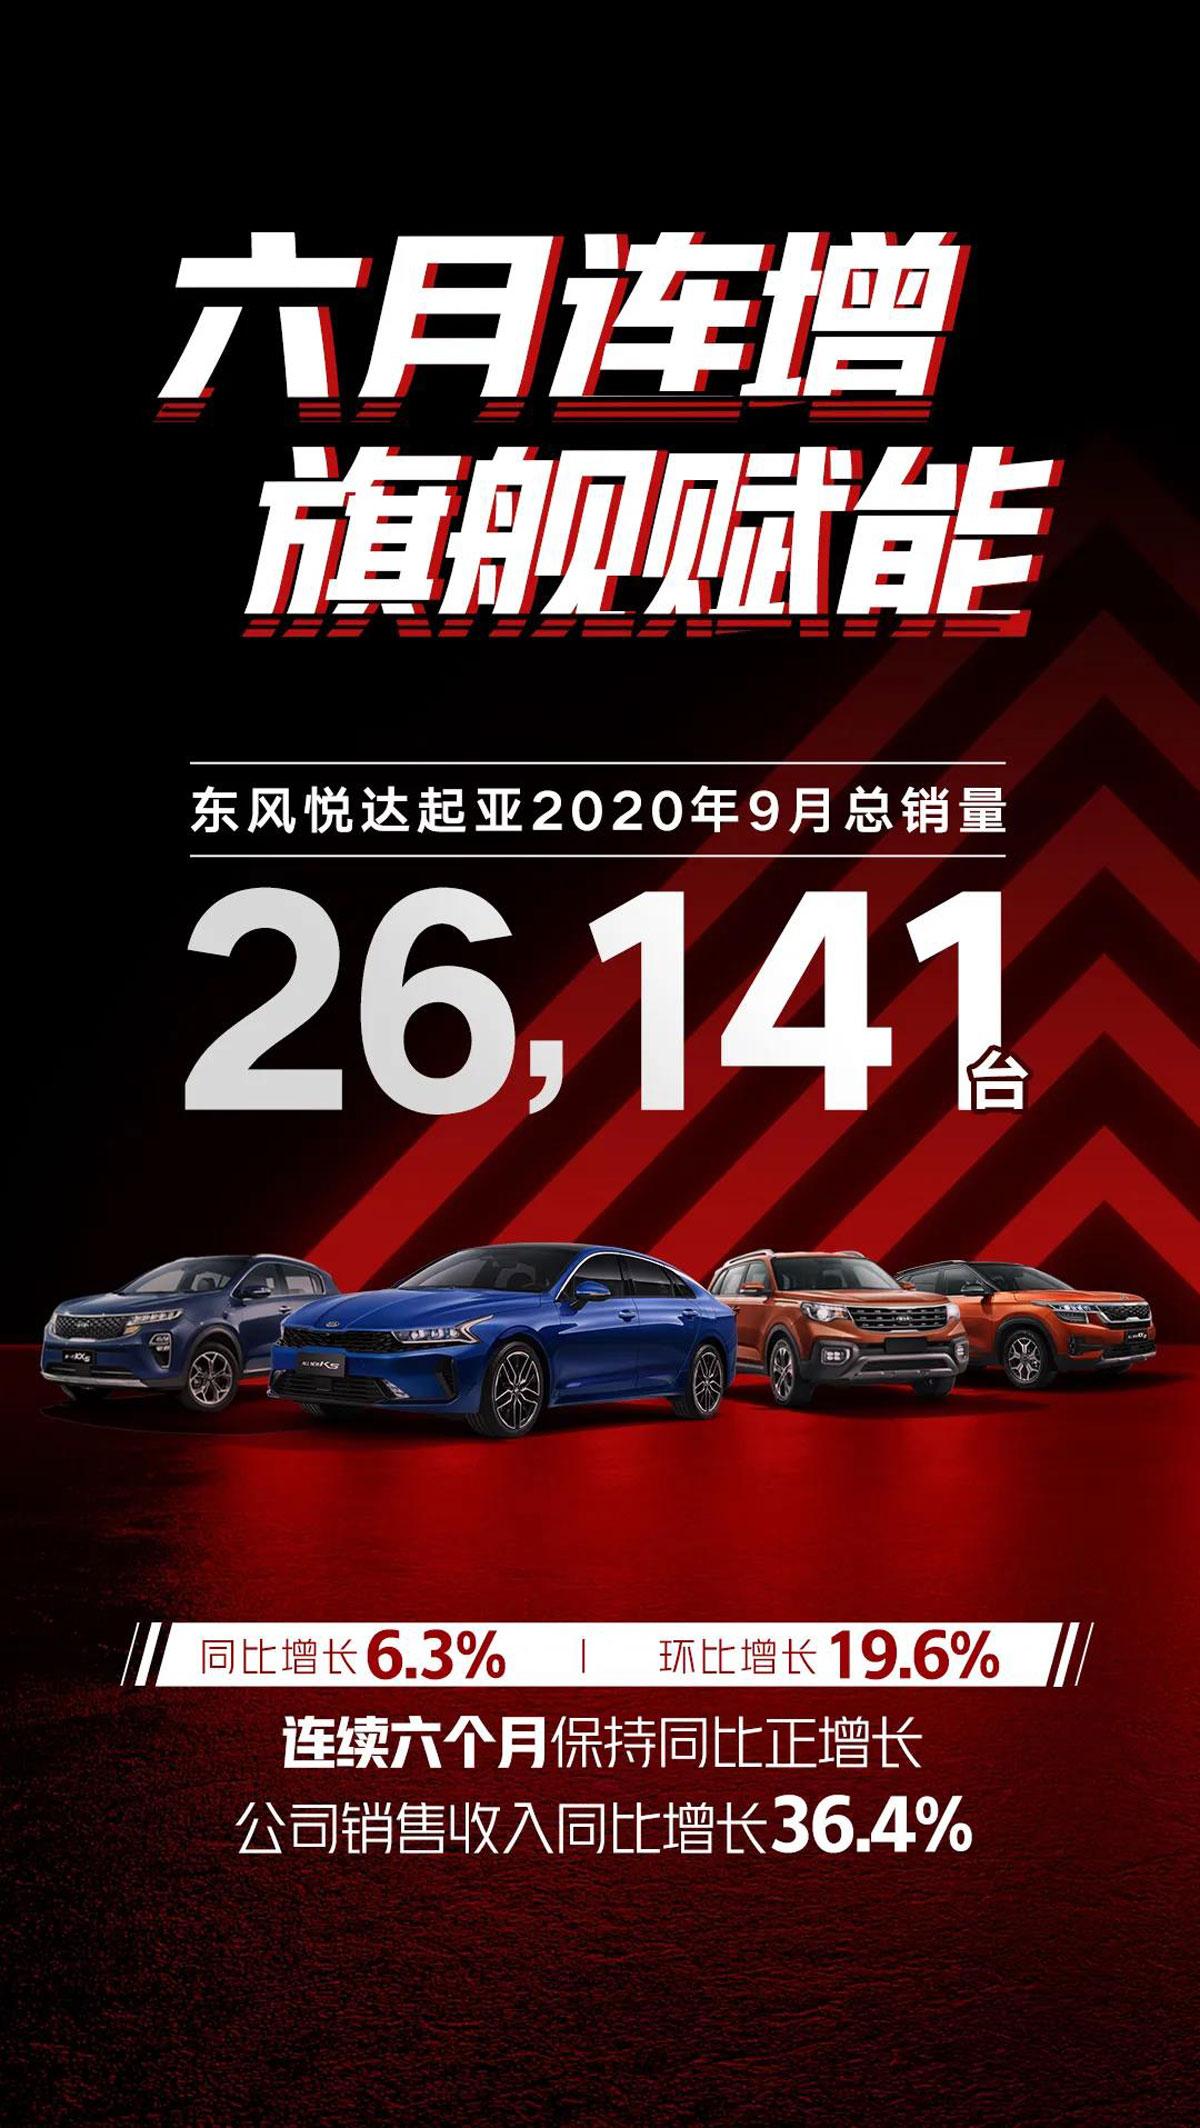 同比增长6.3% 东风悦达起亚9月销量达26,141辆